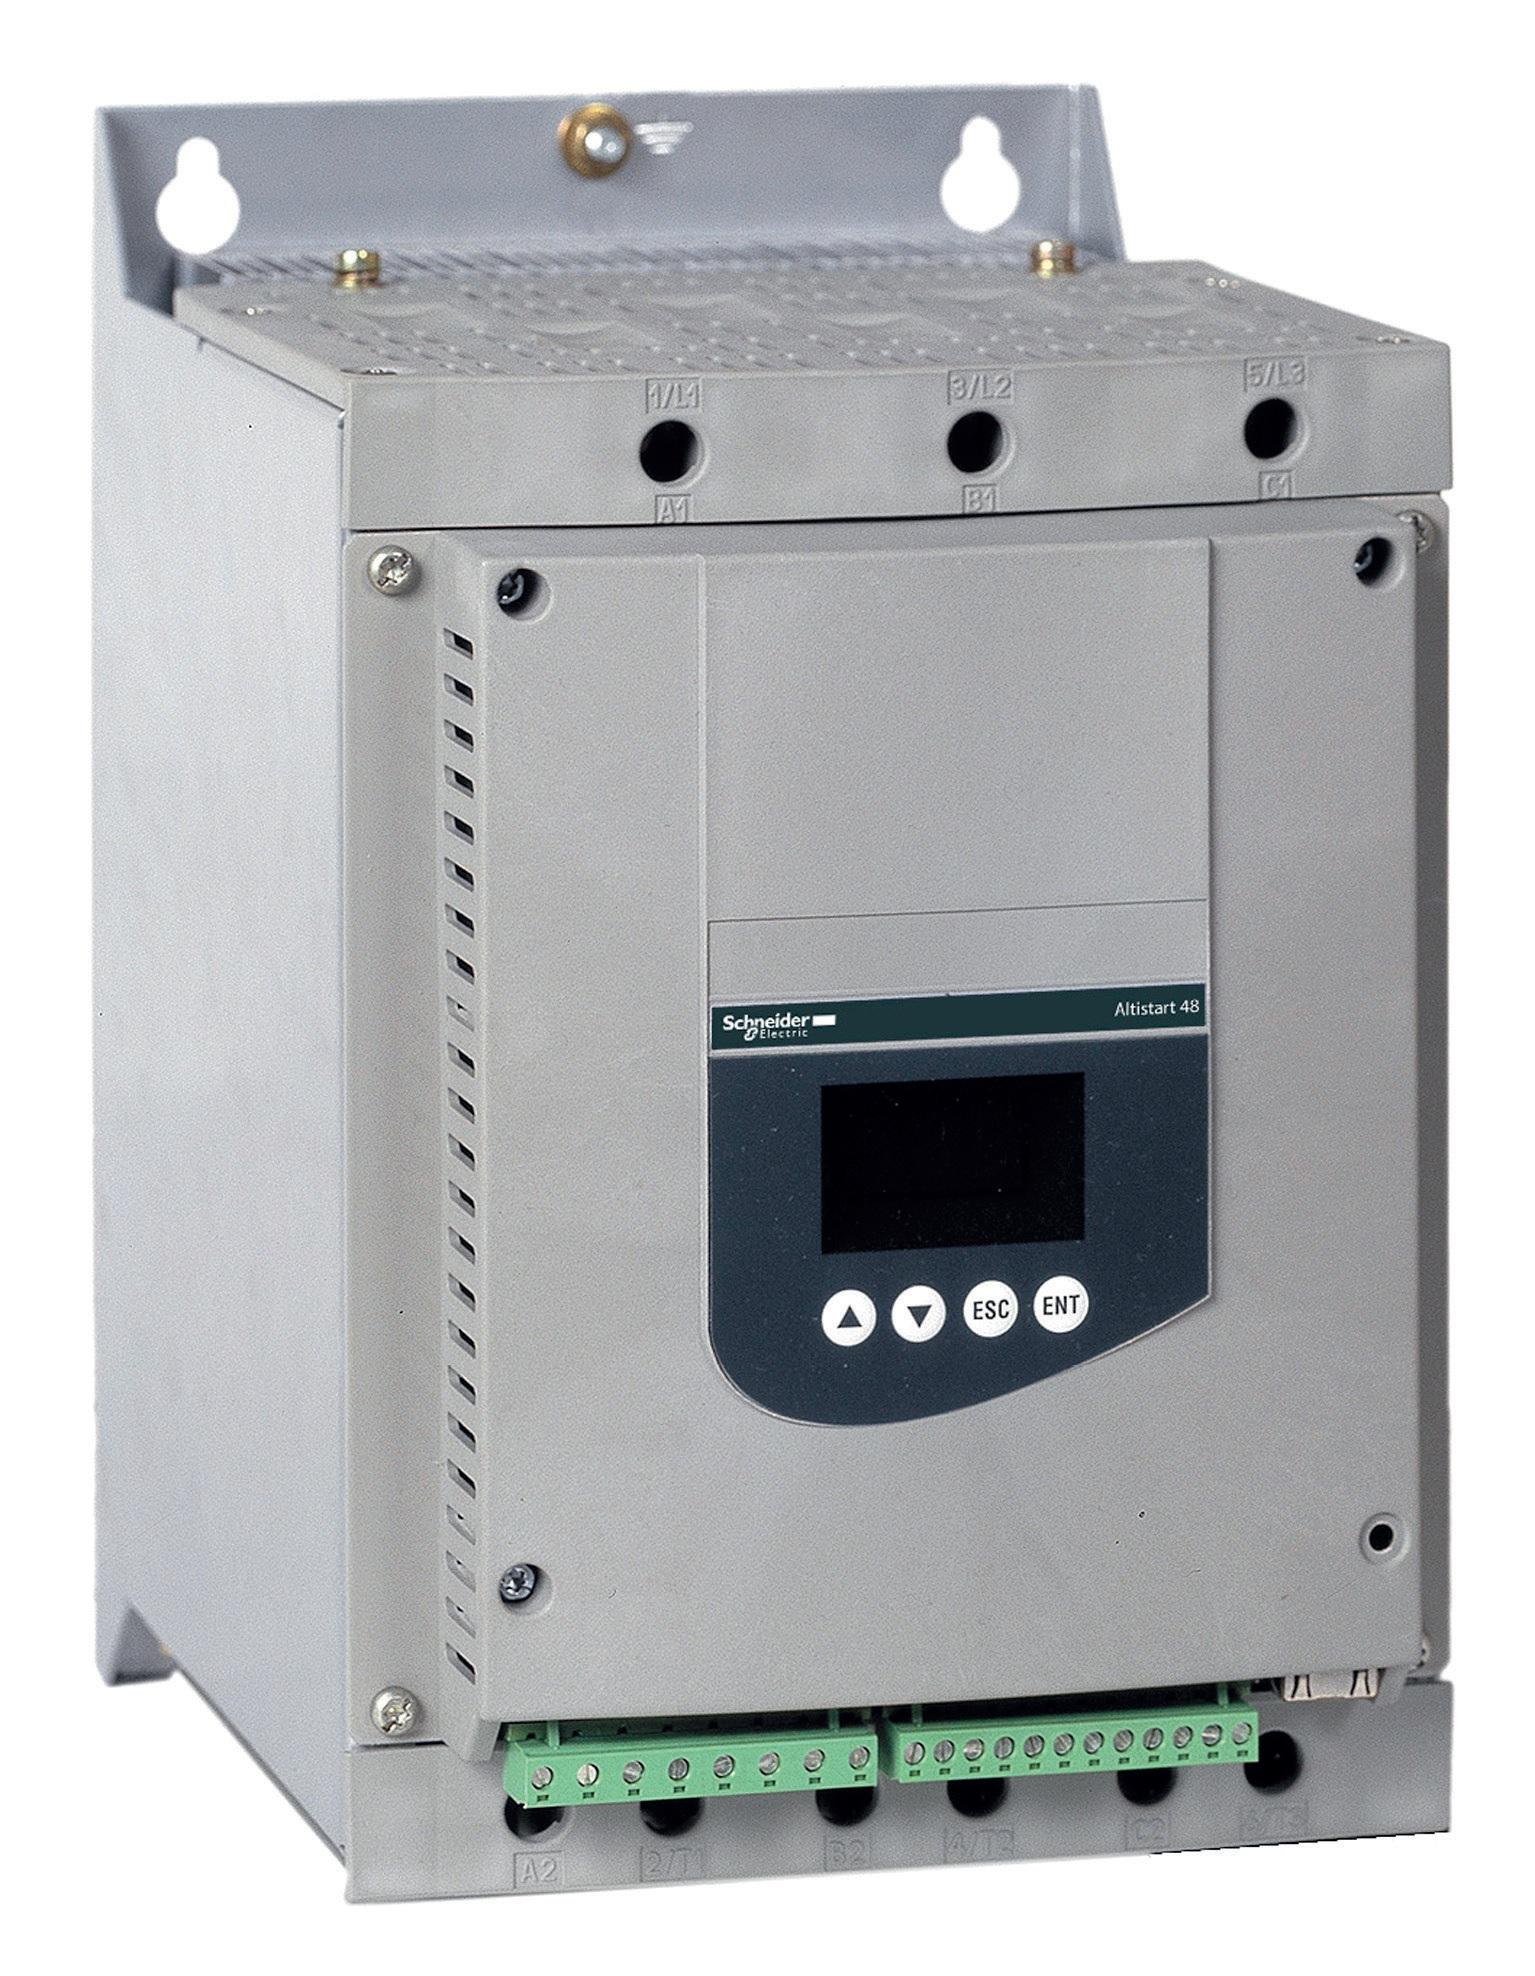 SCHNEIDER Altistart 48 200~400V AC 50/60Hz